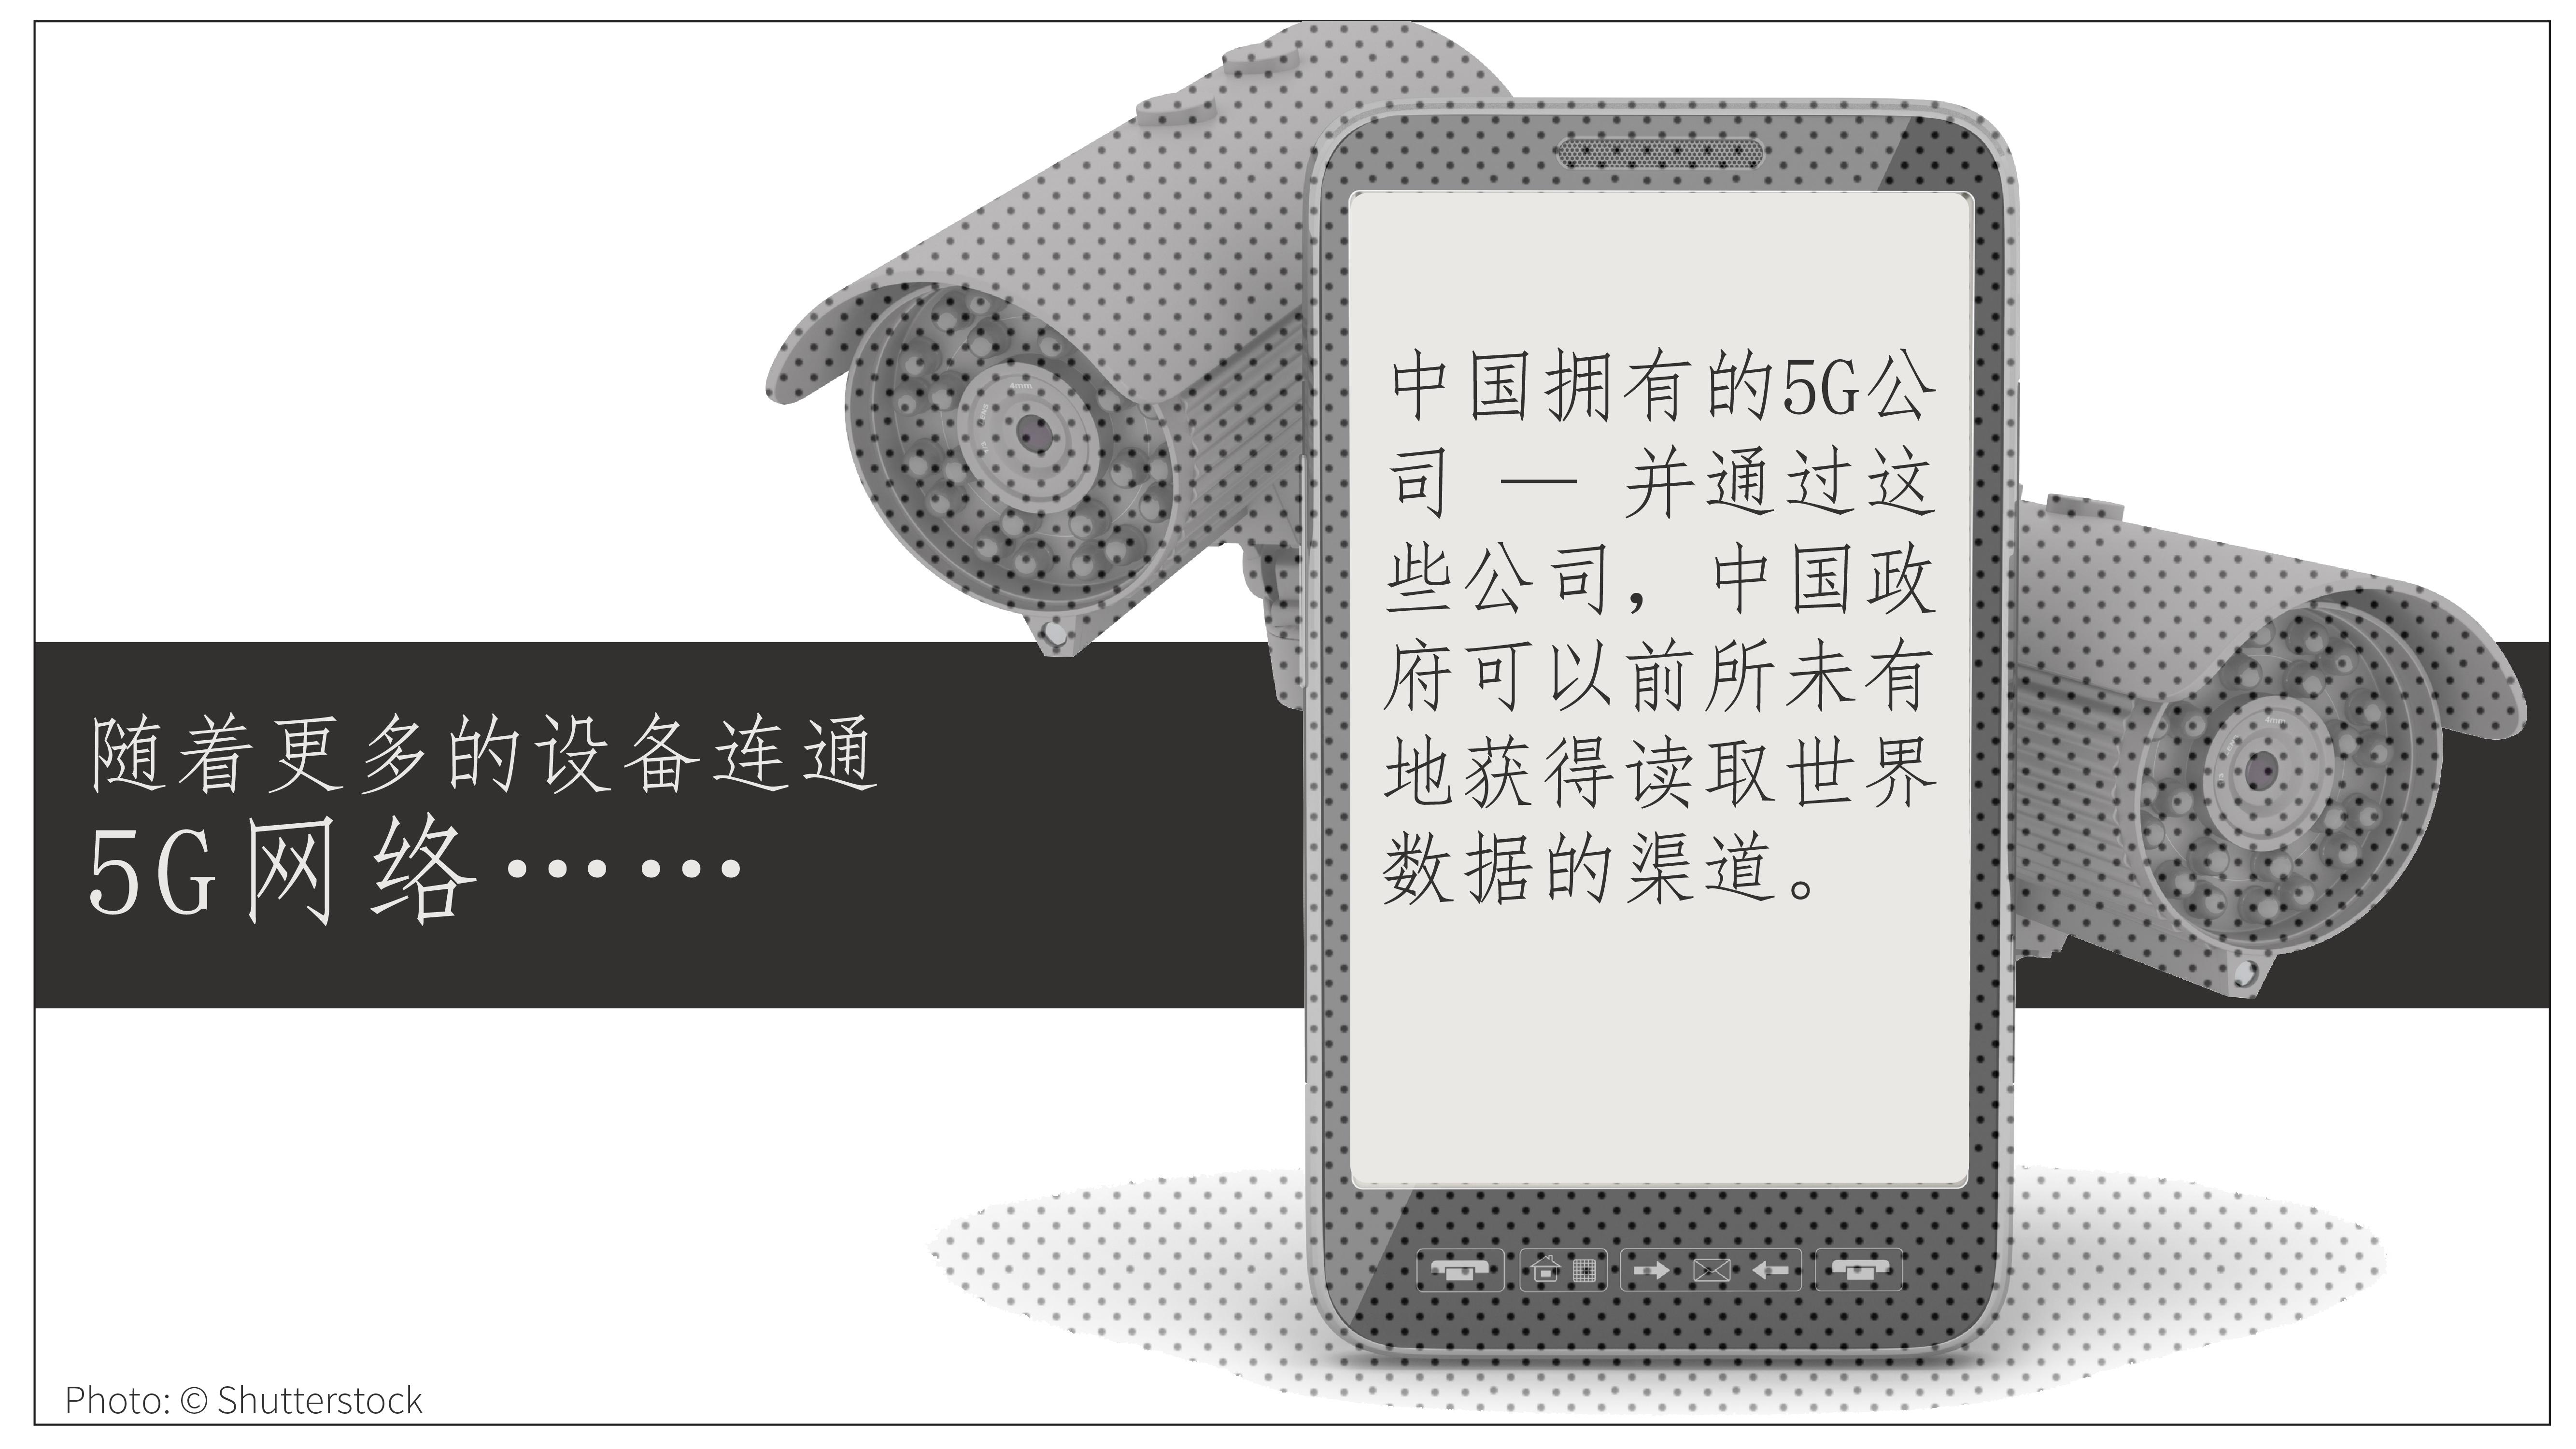 有关对5G技术的关切的文字;电缆设备和智能手机的图片(© Shutterstock)